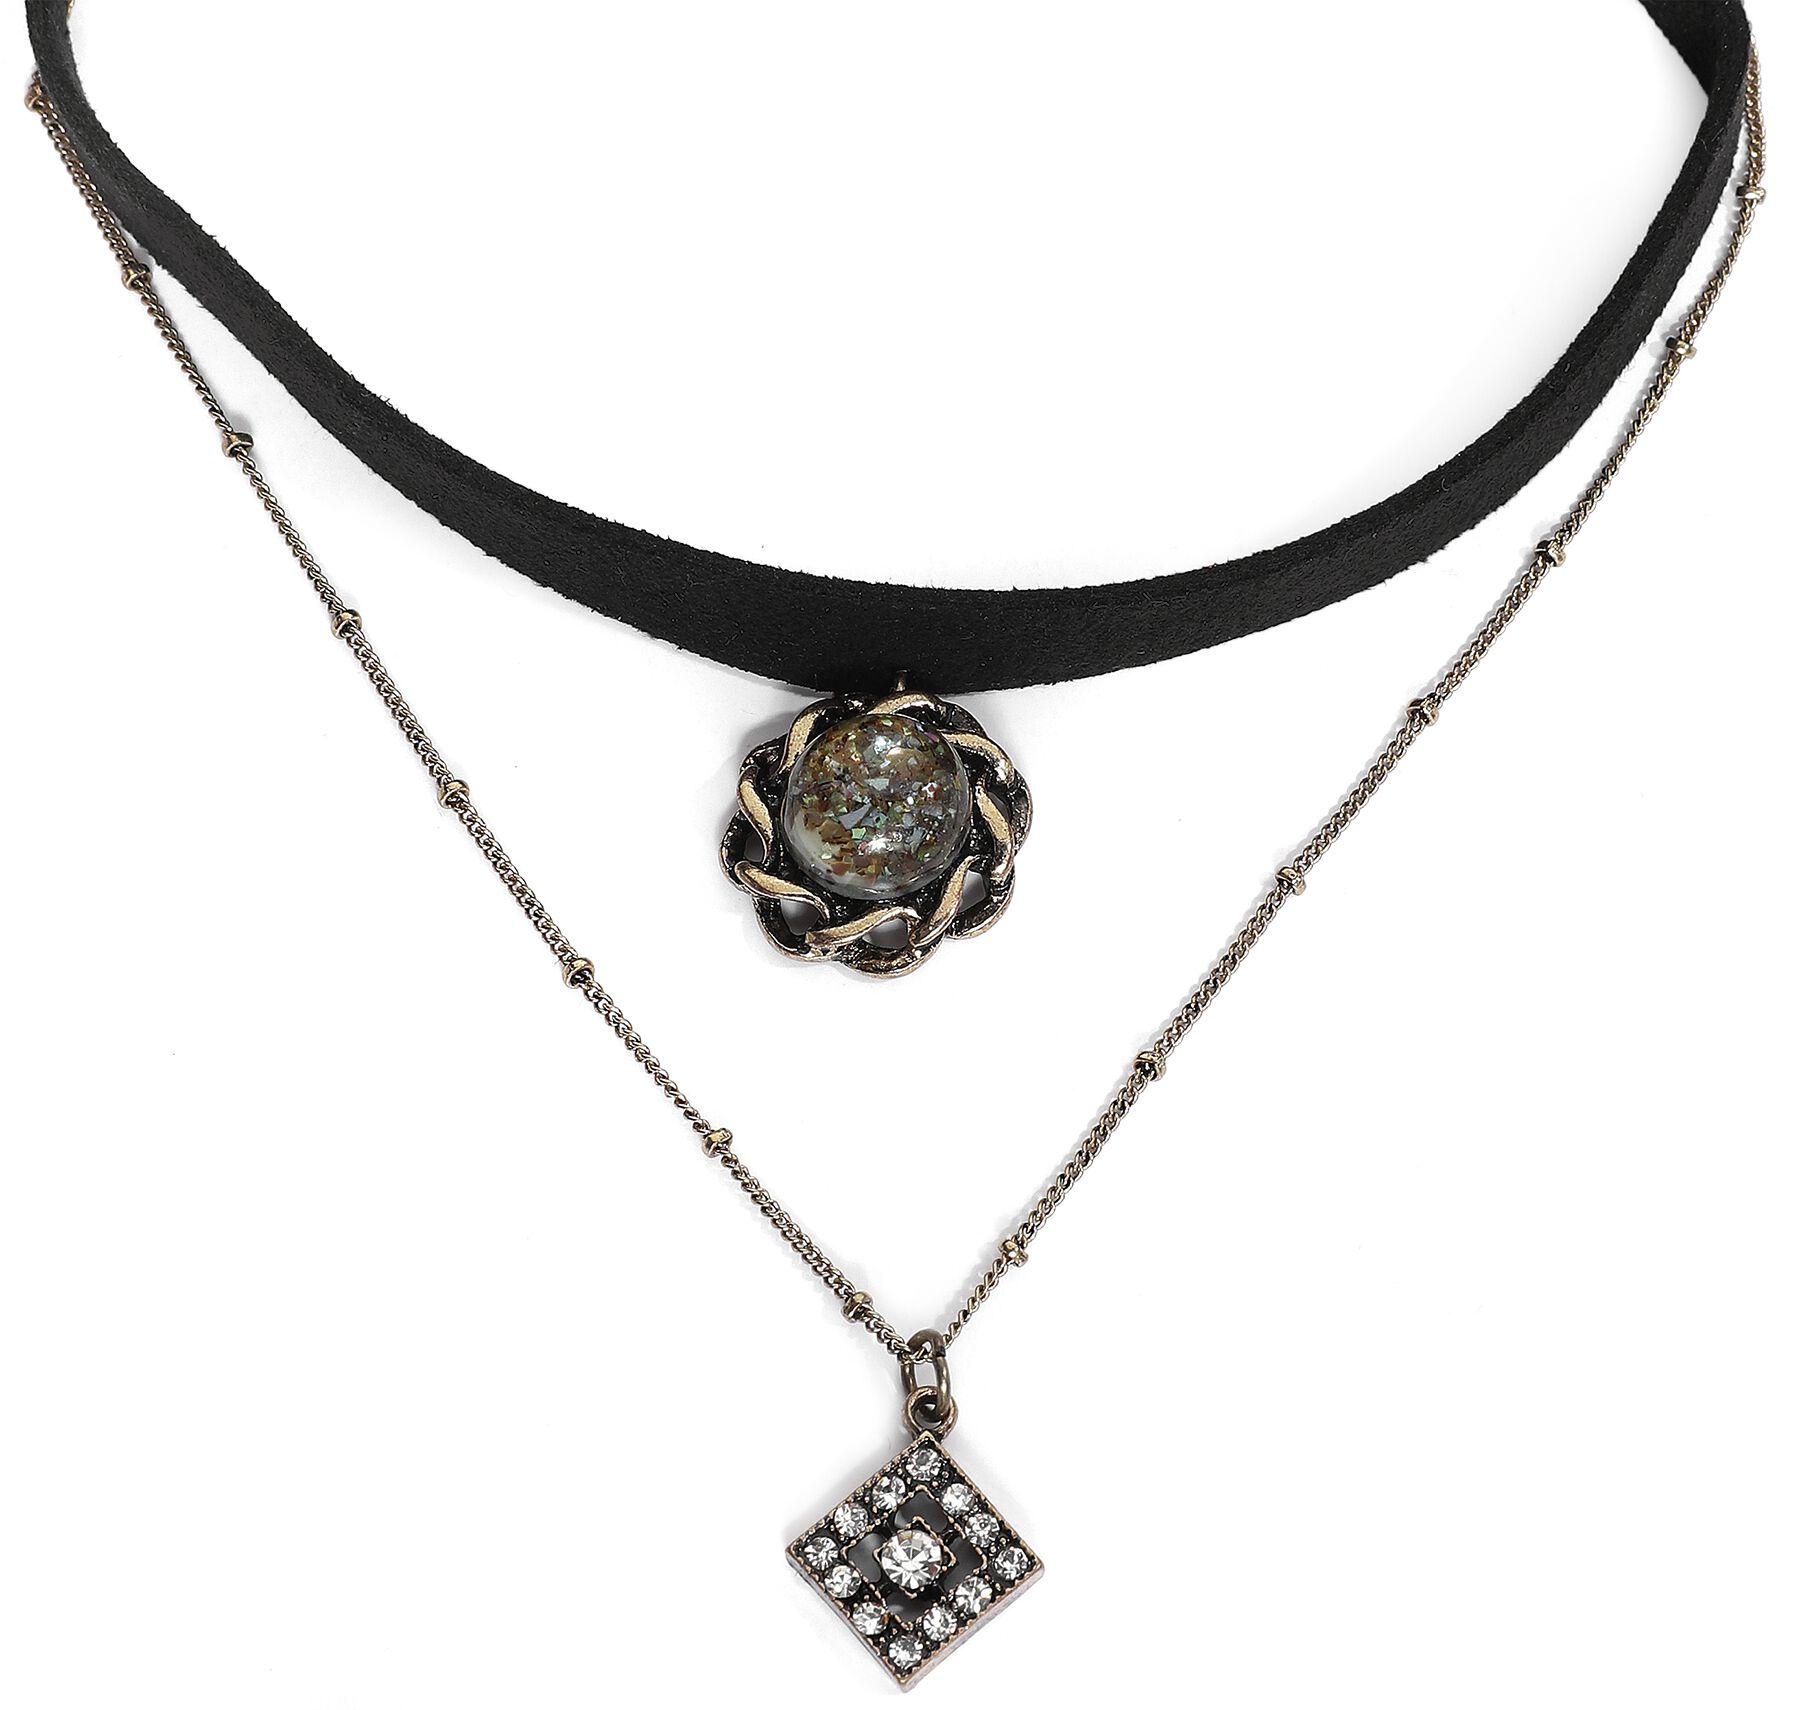 Image of Antikblume Halsband schwarz/goldfarben